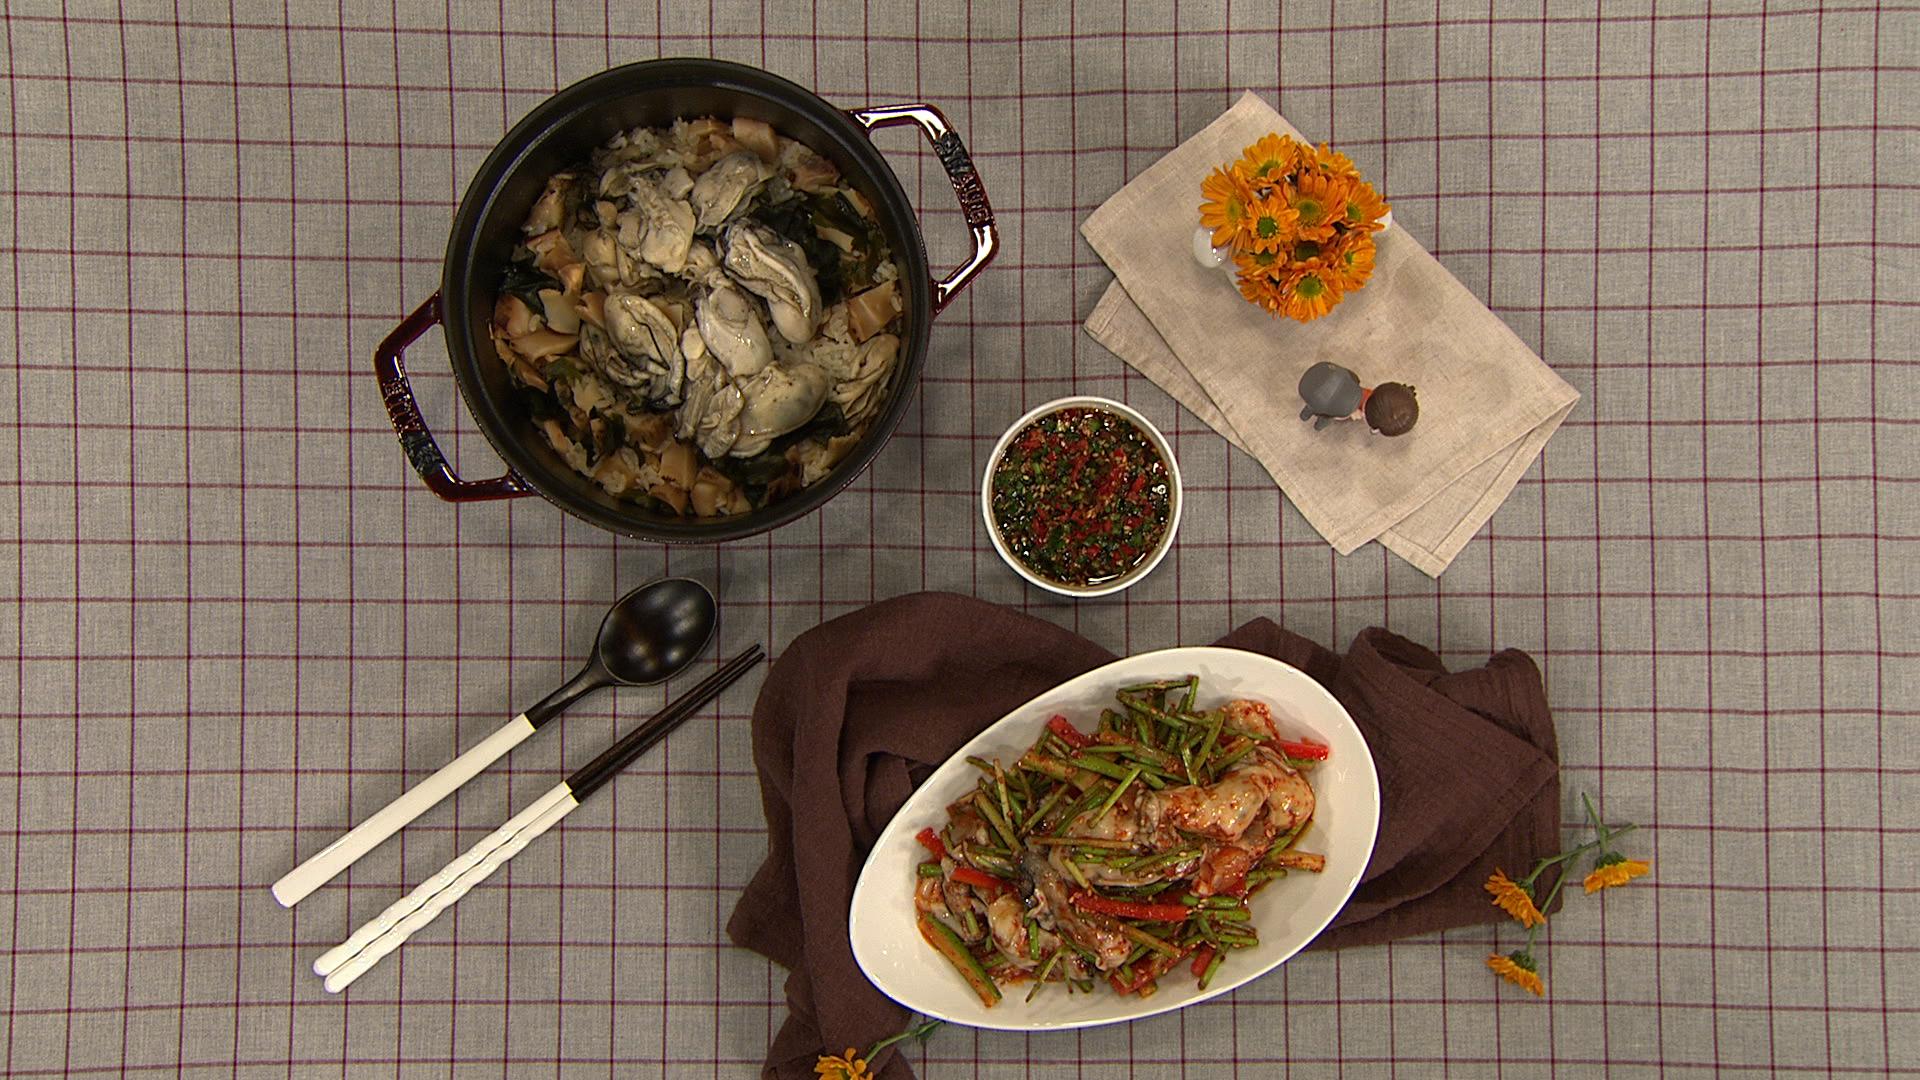 최고의 요리비결[따뜻하게 건강을 지켜주는 영양 만점 요리 최진흔 요리연구가]